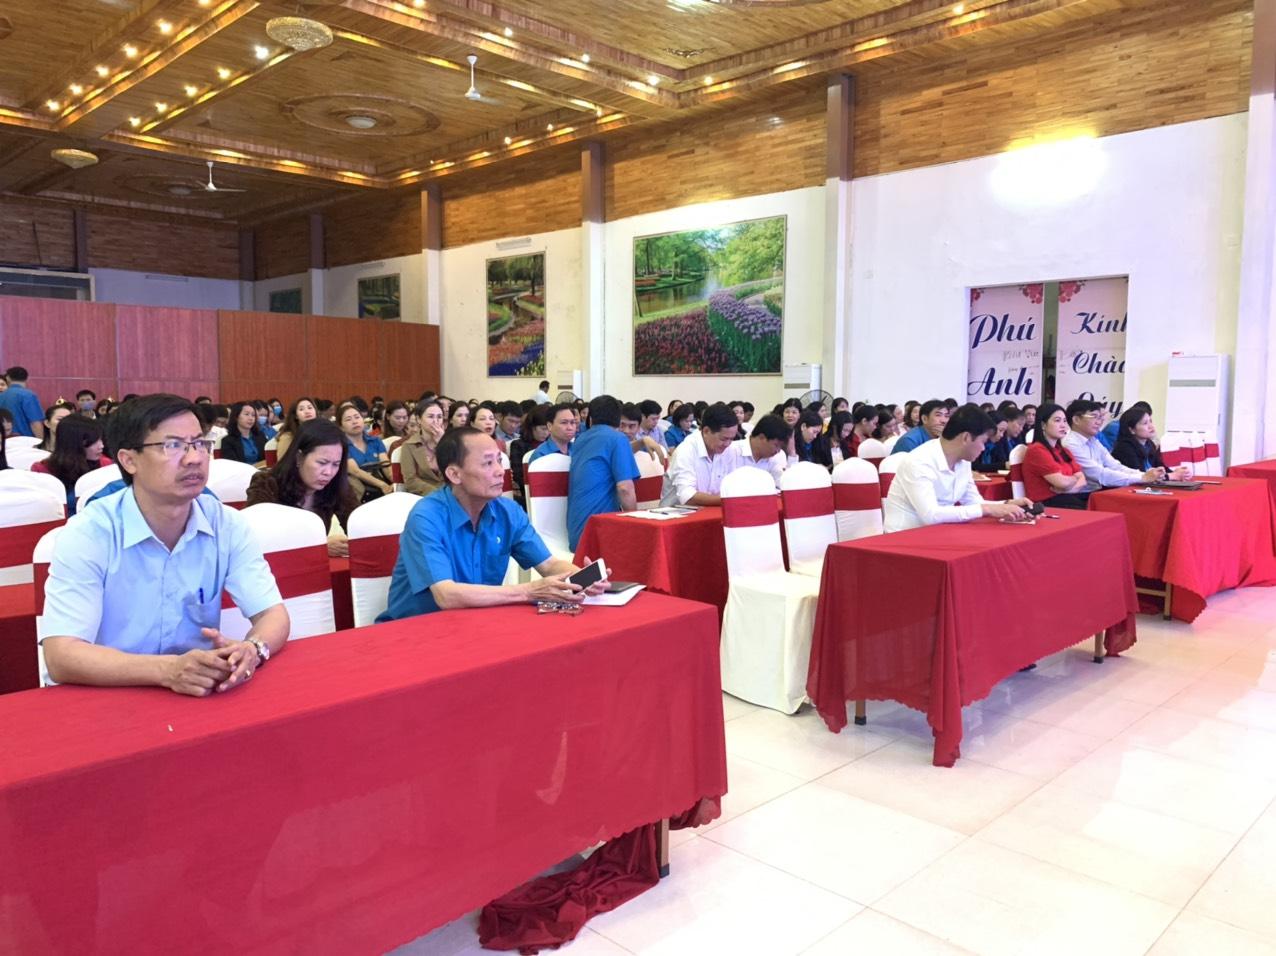 Can Lộc: Tập huấn nghiệp vụ hoạt động công đoàn cho đội ngũ cán bộ Công đoàn cơ sở